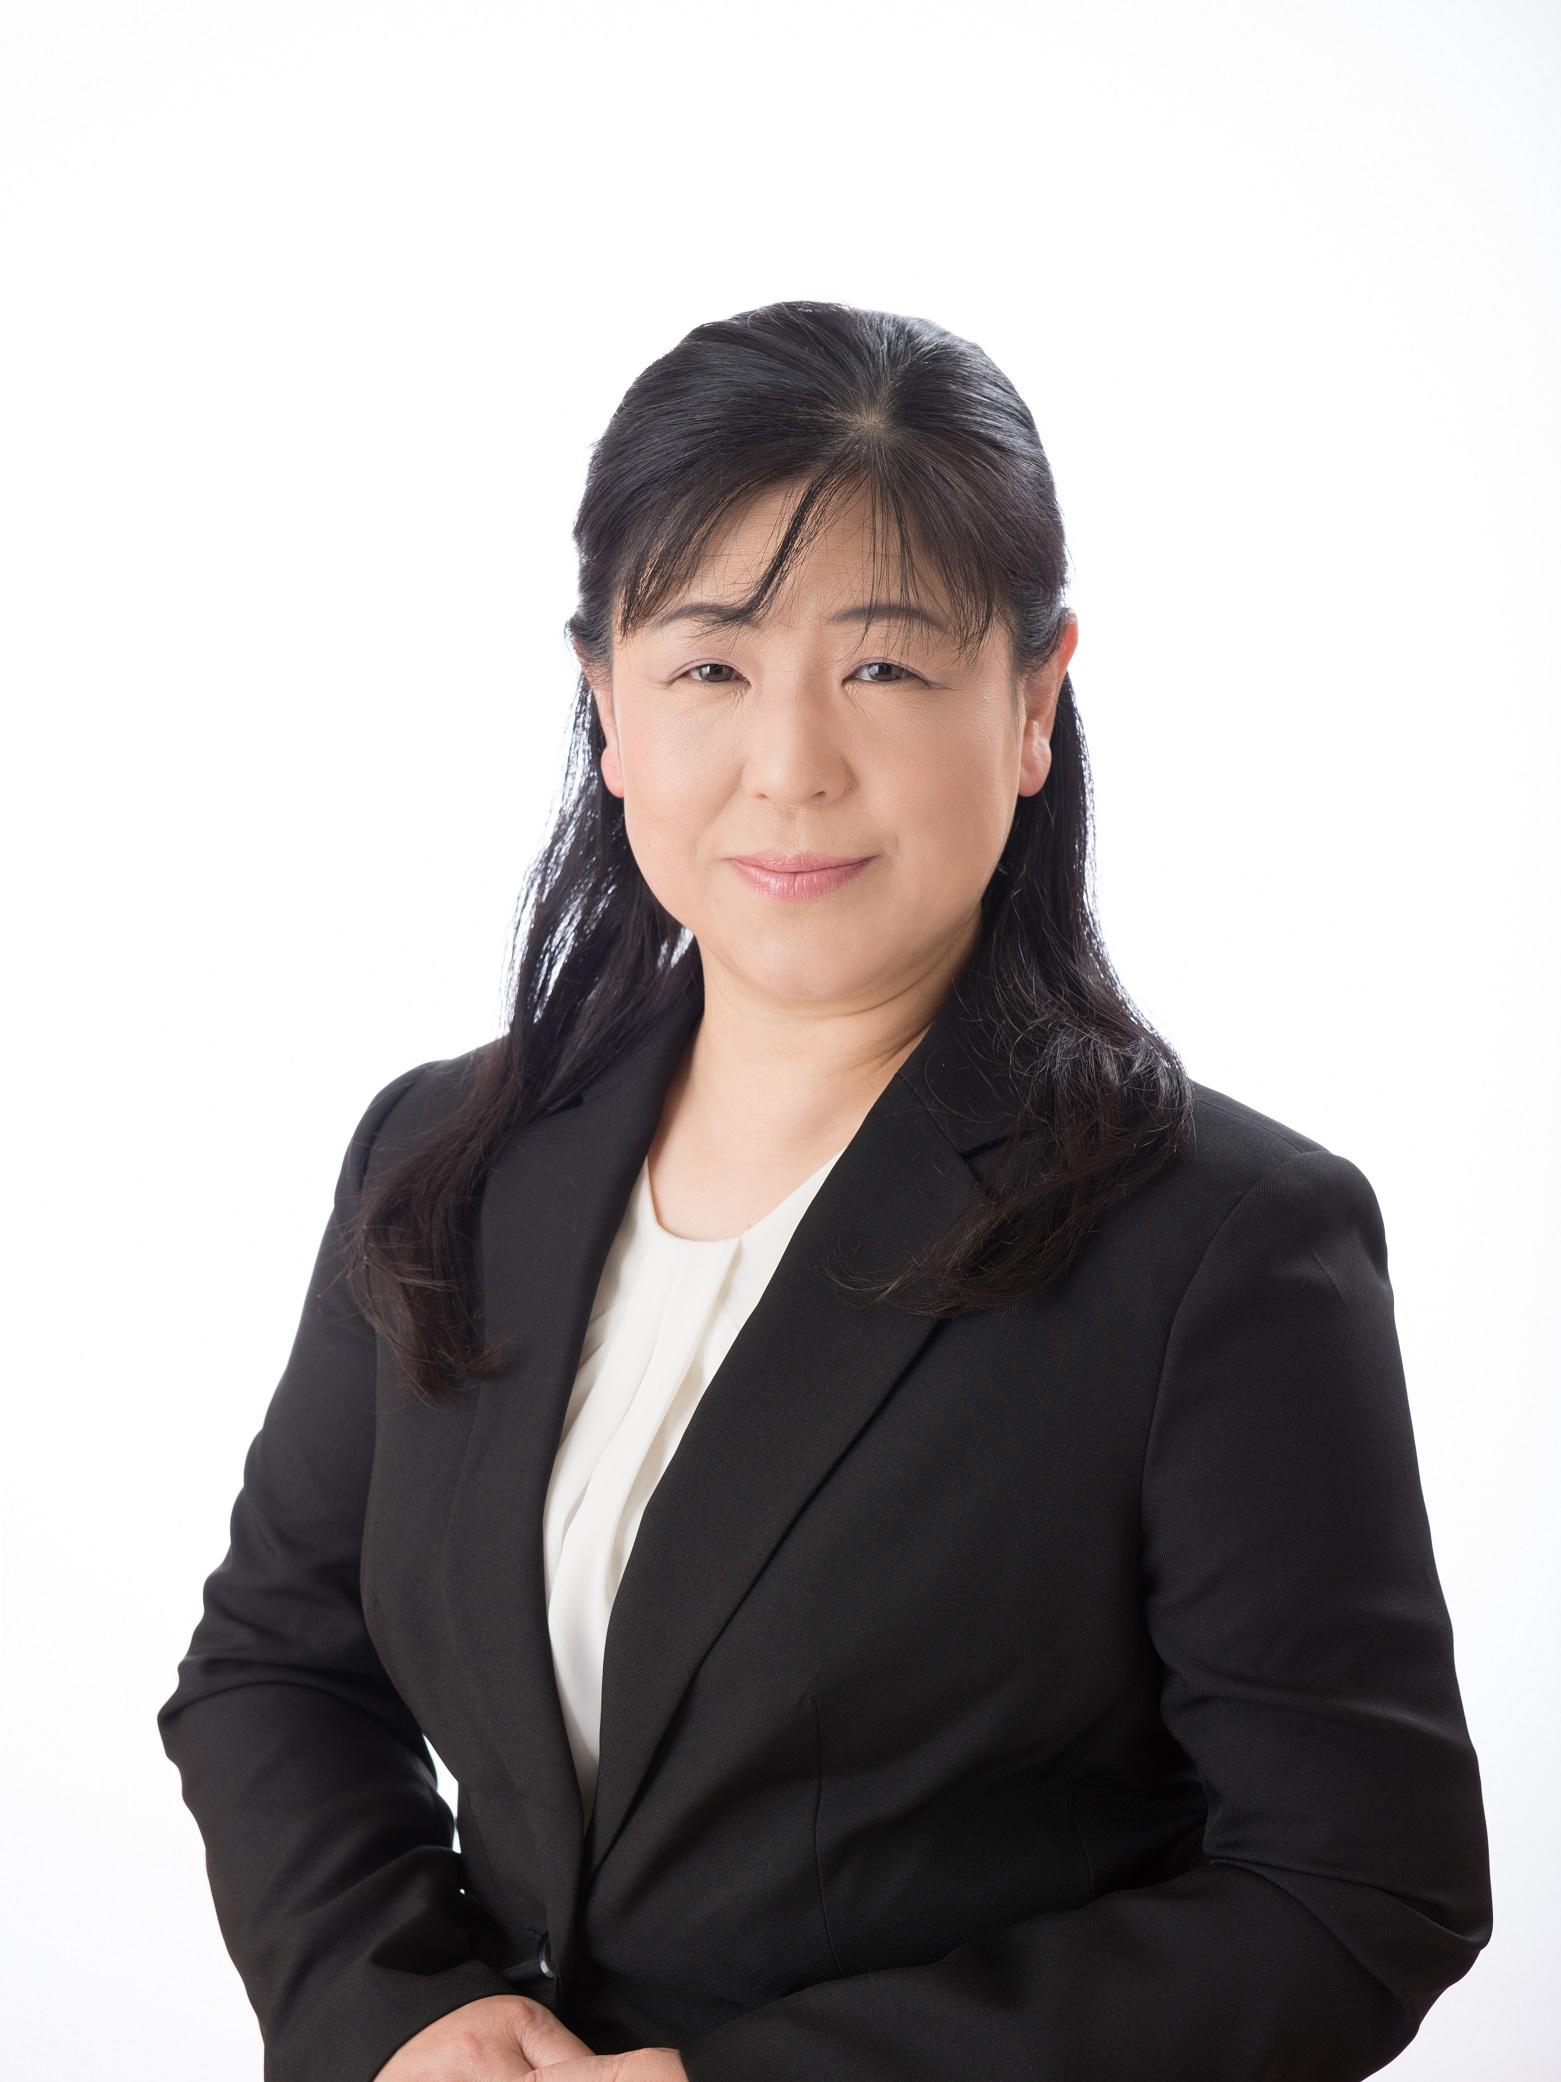 加藤 裕美(かとう ひろみ)